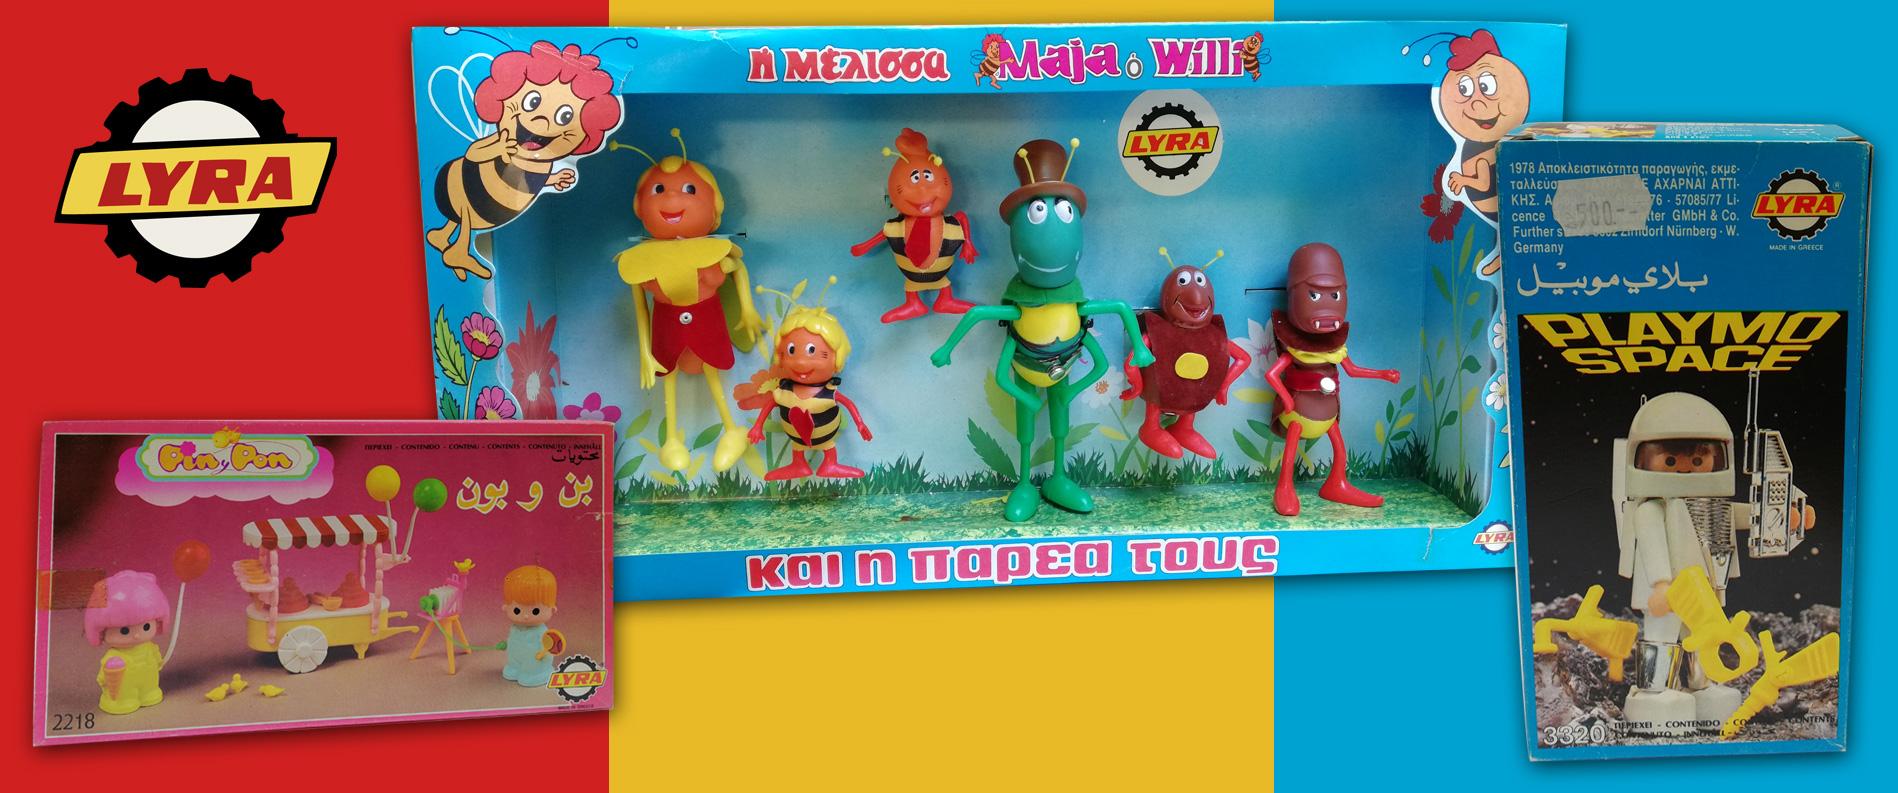 Il tuo museo virtuale di giocattoli preferito